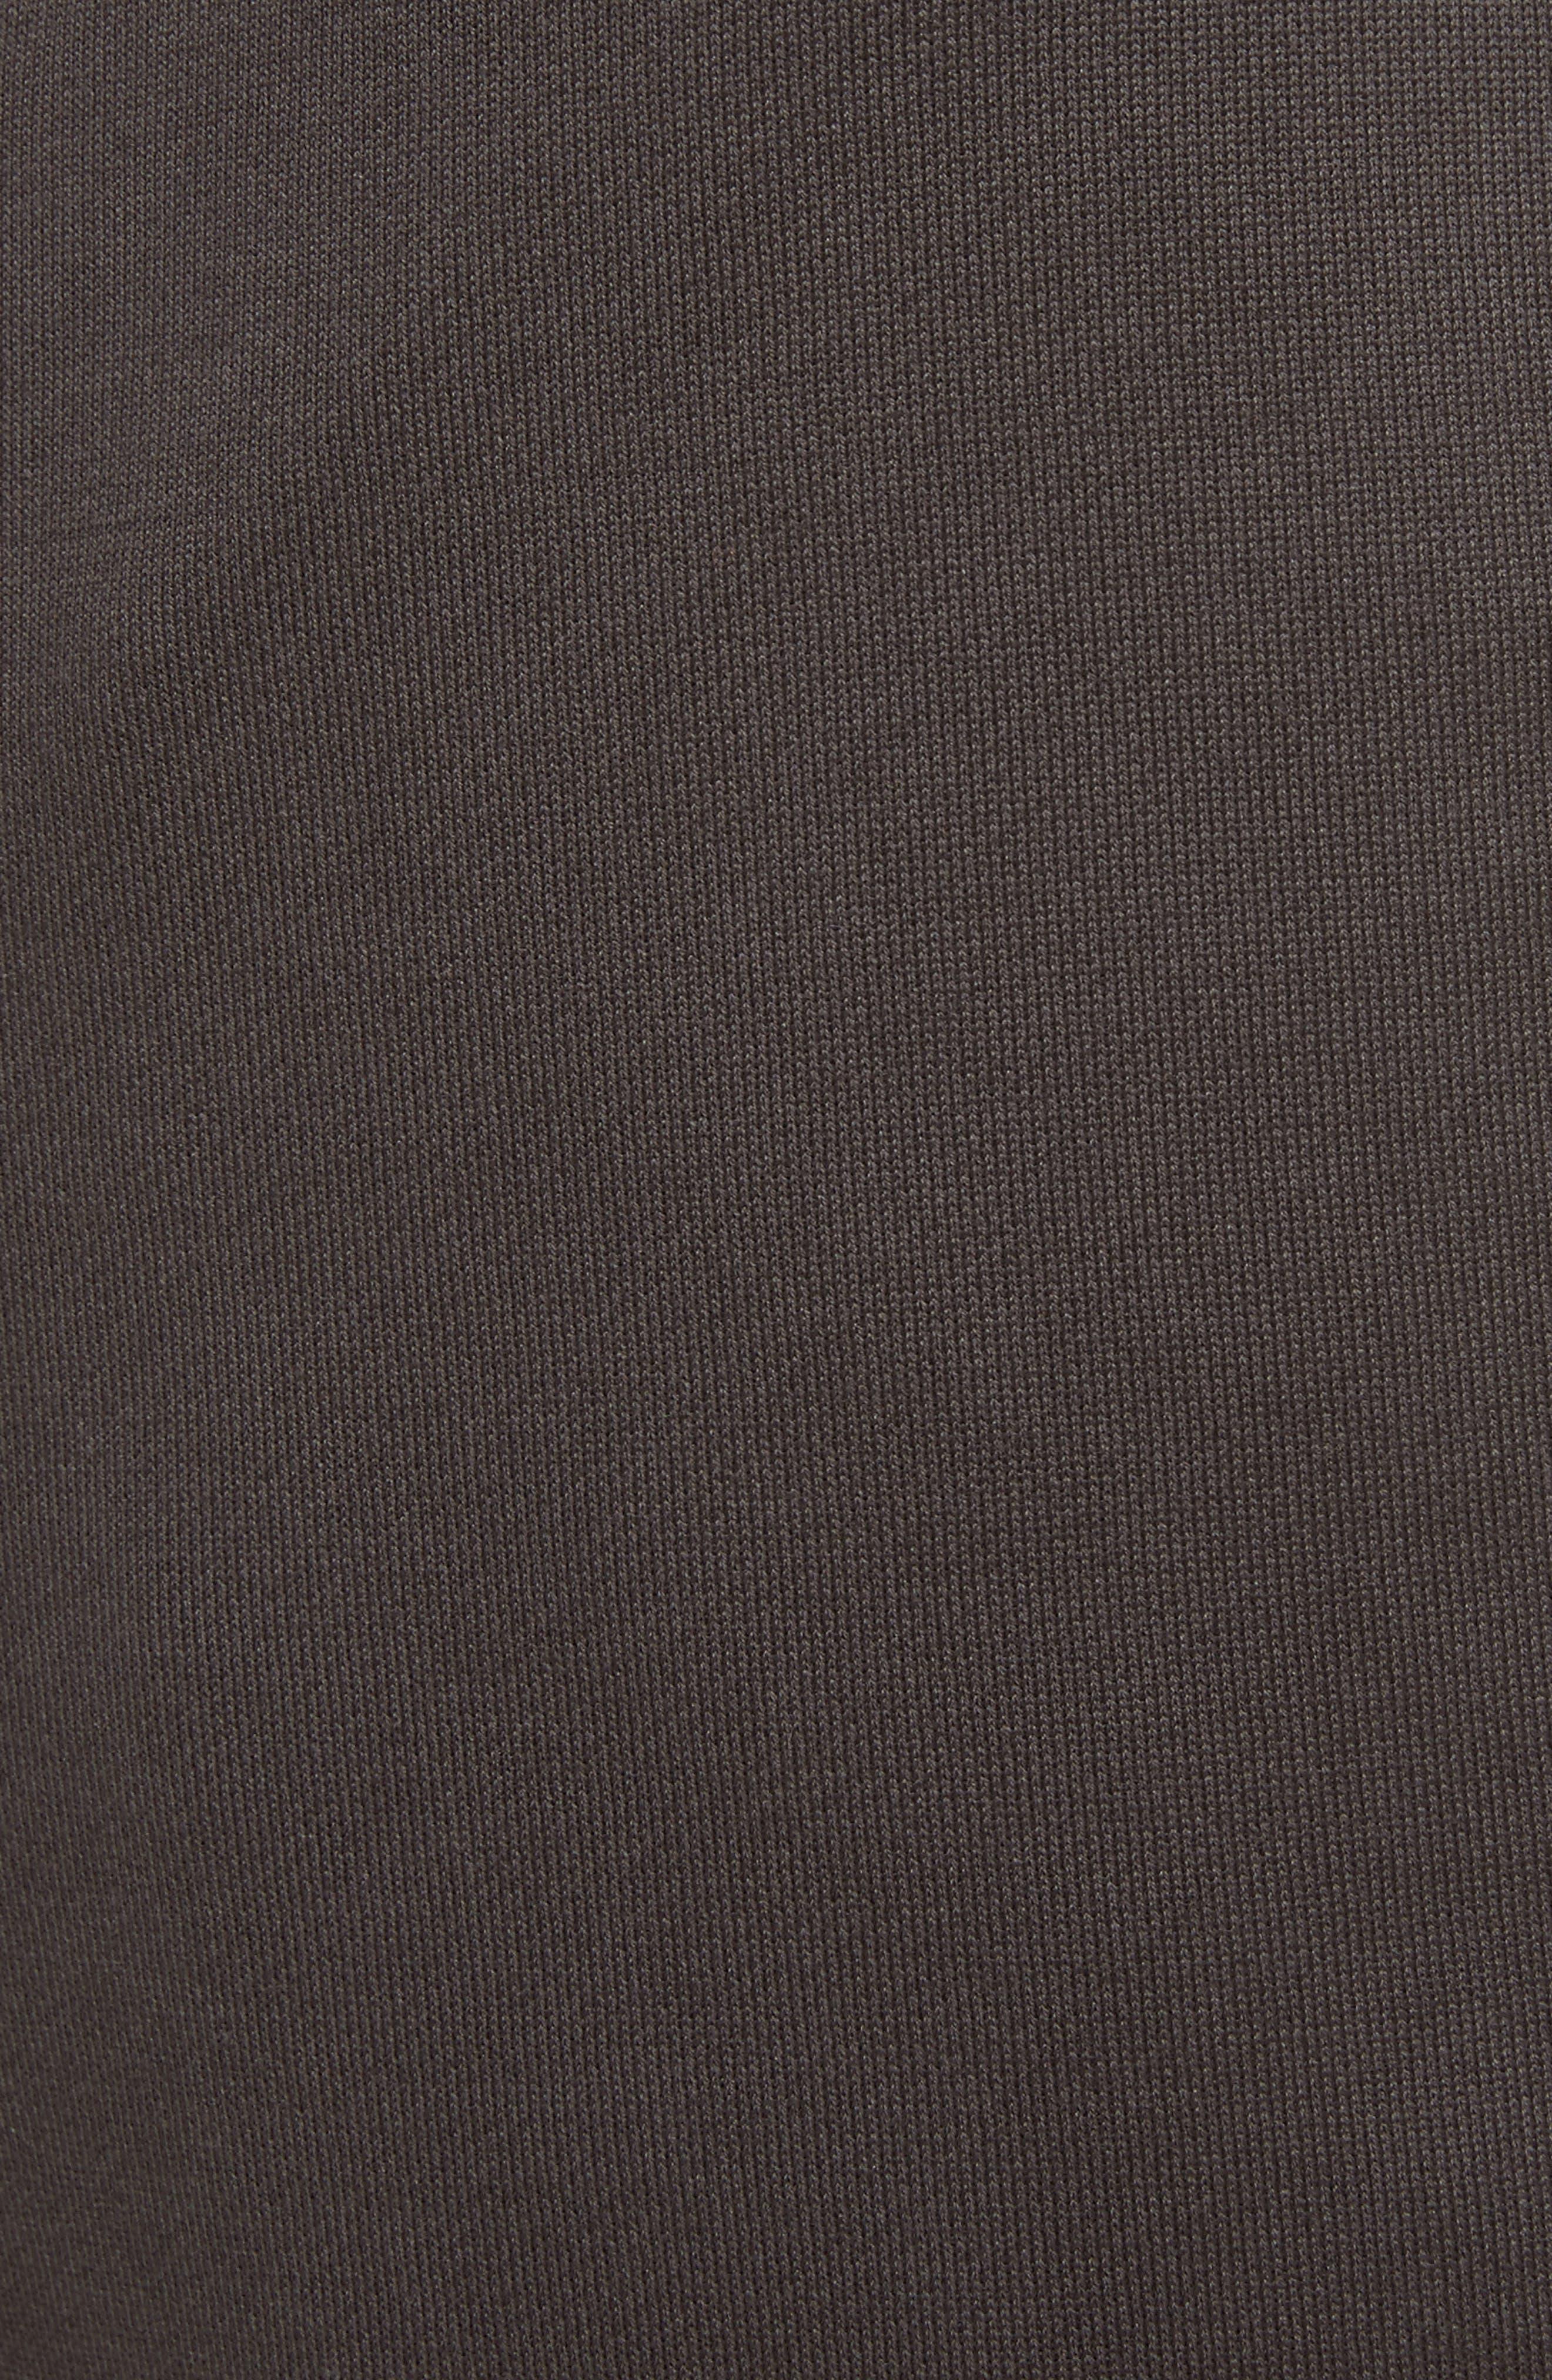 Classic Track Pants,                             Alternate thumbnail 5, color,                             Black Olive